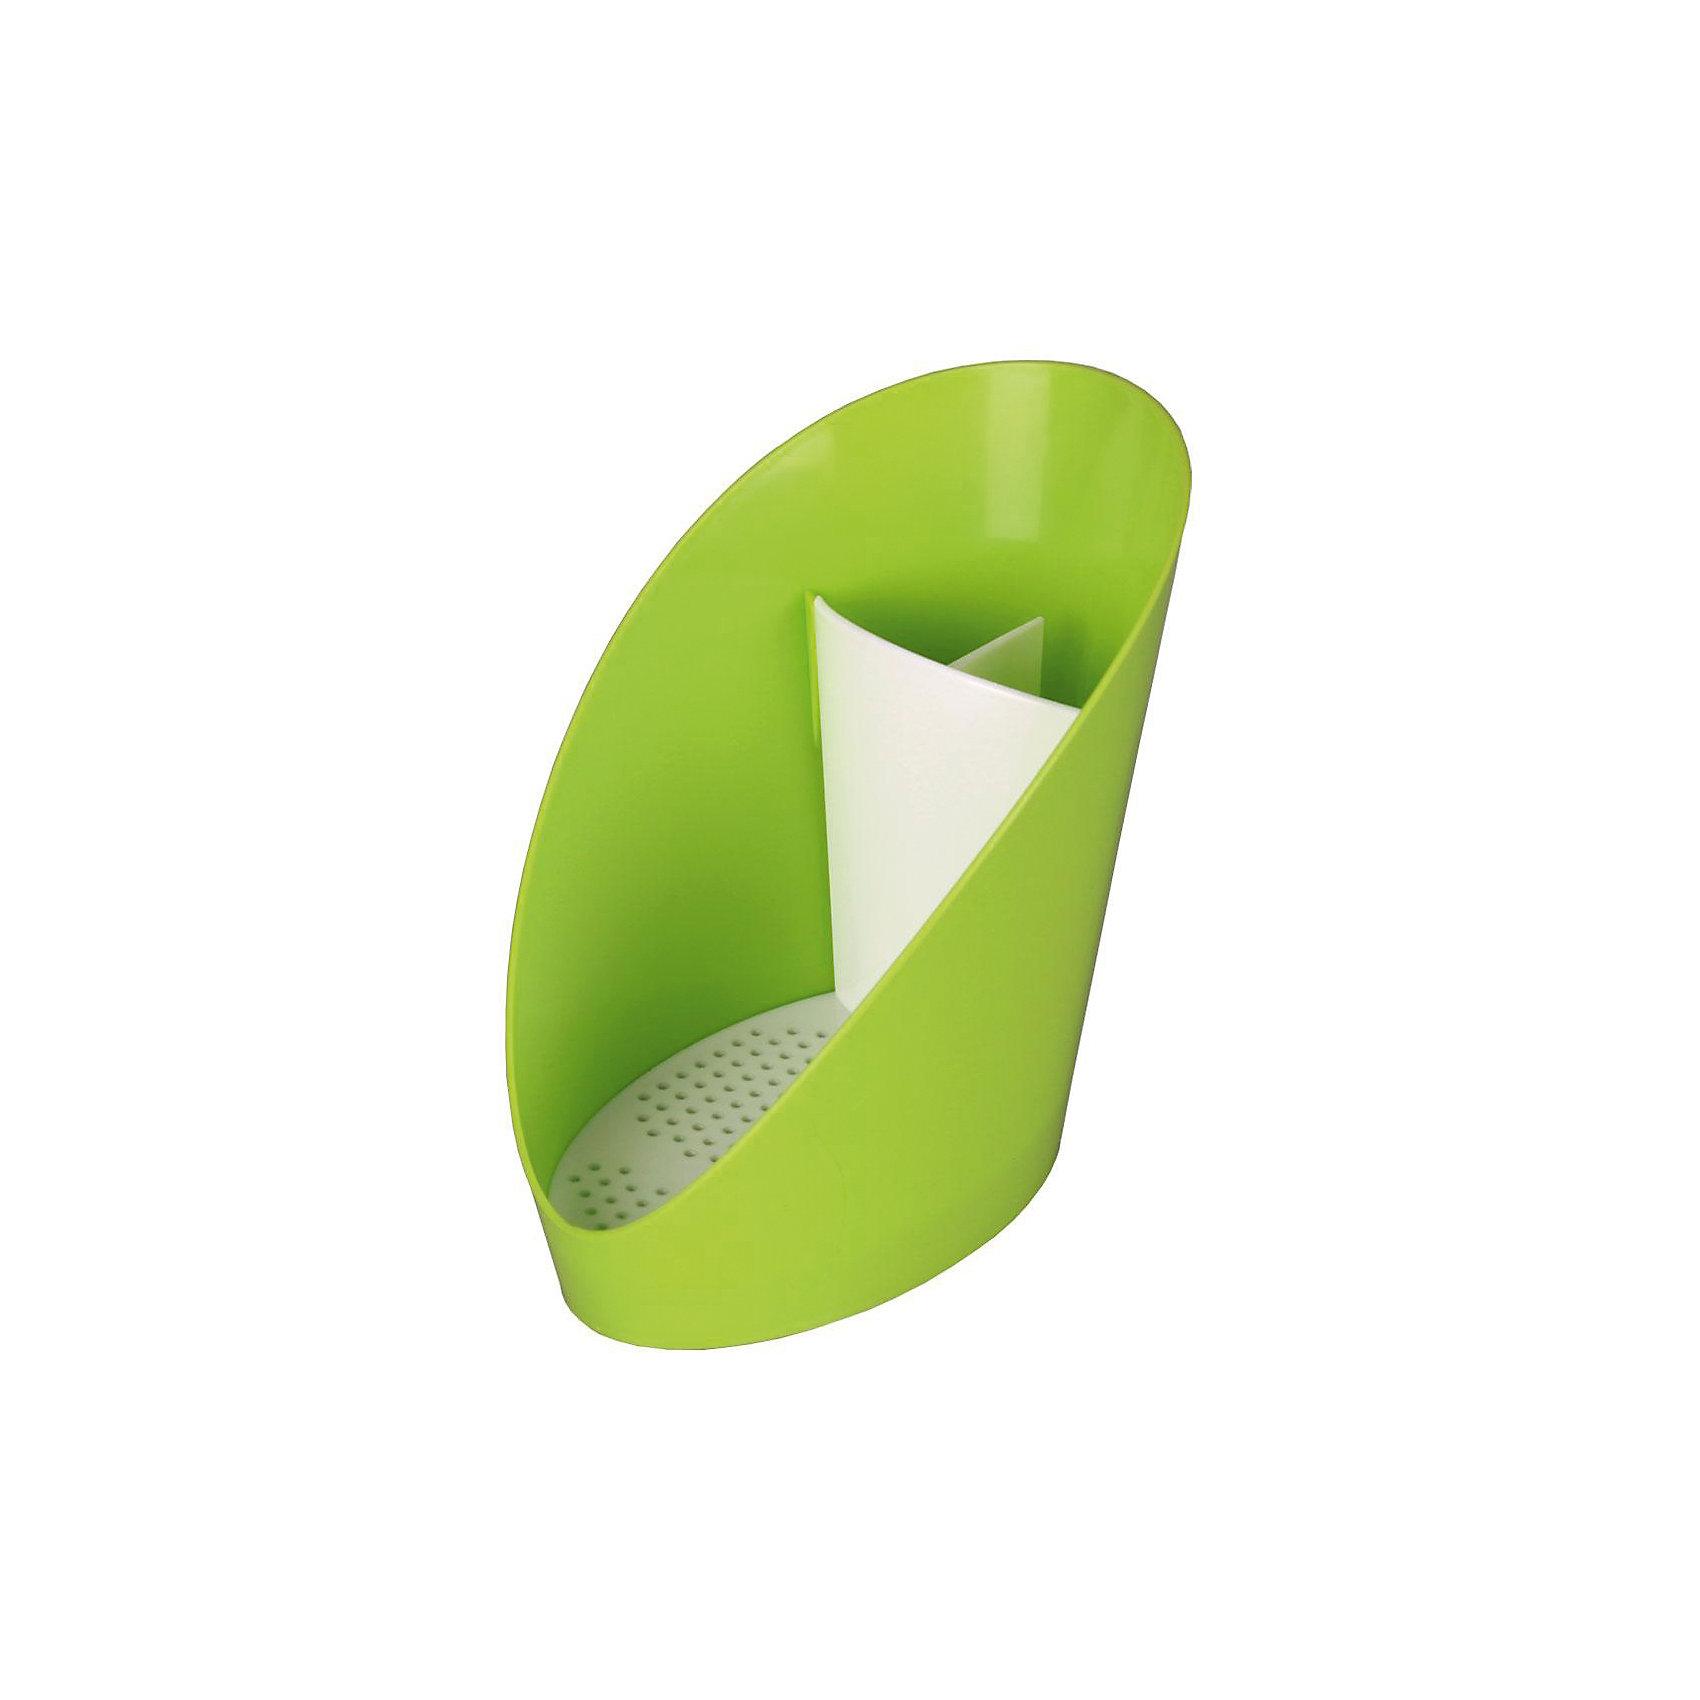 Подставка для моющих средств Изыск, Alternativa, зеленыйВанная комната<br>Характеристики:<br><br>• Предназначение: для хранения моющих средств<br>• Материал: пластик<br>• Цвет: зеленый, белый<br>• Размер (Д*Ш*В): 48*24*38 см<br>• Форма: овальная<br>• Наличие съемного поддона<br>• Особенности ухода: разрешается мыть теплой водой<br><br>Подставка для моющих средств Изыск, Alternativa, зеленый изготовлена отечественным производителем ООО ЗПИ Альтернатива, который специализируется на выпуске широкого спектра изделий из пластика. Изделие выполнено из безопасного и прочного пластика, устойчивого к механическим повреждениям. Подставка имеет овальную форму оснащего съемным поддоном, благодаря которому изделие легко мыть. Поставка имеет три отсека. Внешний корпус выполнен в зеленом цвете, съемный поддон – белый. Подставка для моющих средств Изыск, Alternativa, зеленый обеспечит порядок на кухне и ванной комнате.<br><br>Подставку для моющих средств Изыск, Alternativa, зеленый можно купить в нашем интернет-магазине.<br><br>Ширина мм: 107<br>Глубина мм: 150<br>Высота мм: 145<br>Вес г: 83<br>Возраст от месяцев: 6<br>Возраст до месяцев: 588<br>Пол: Унисекс<br>Возраст: Детский<br>SKU: 5096665